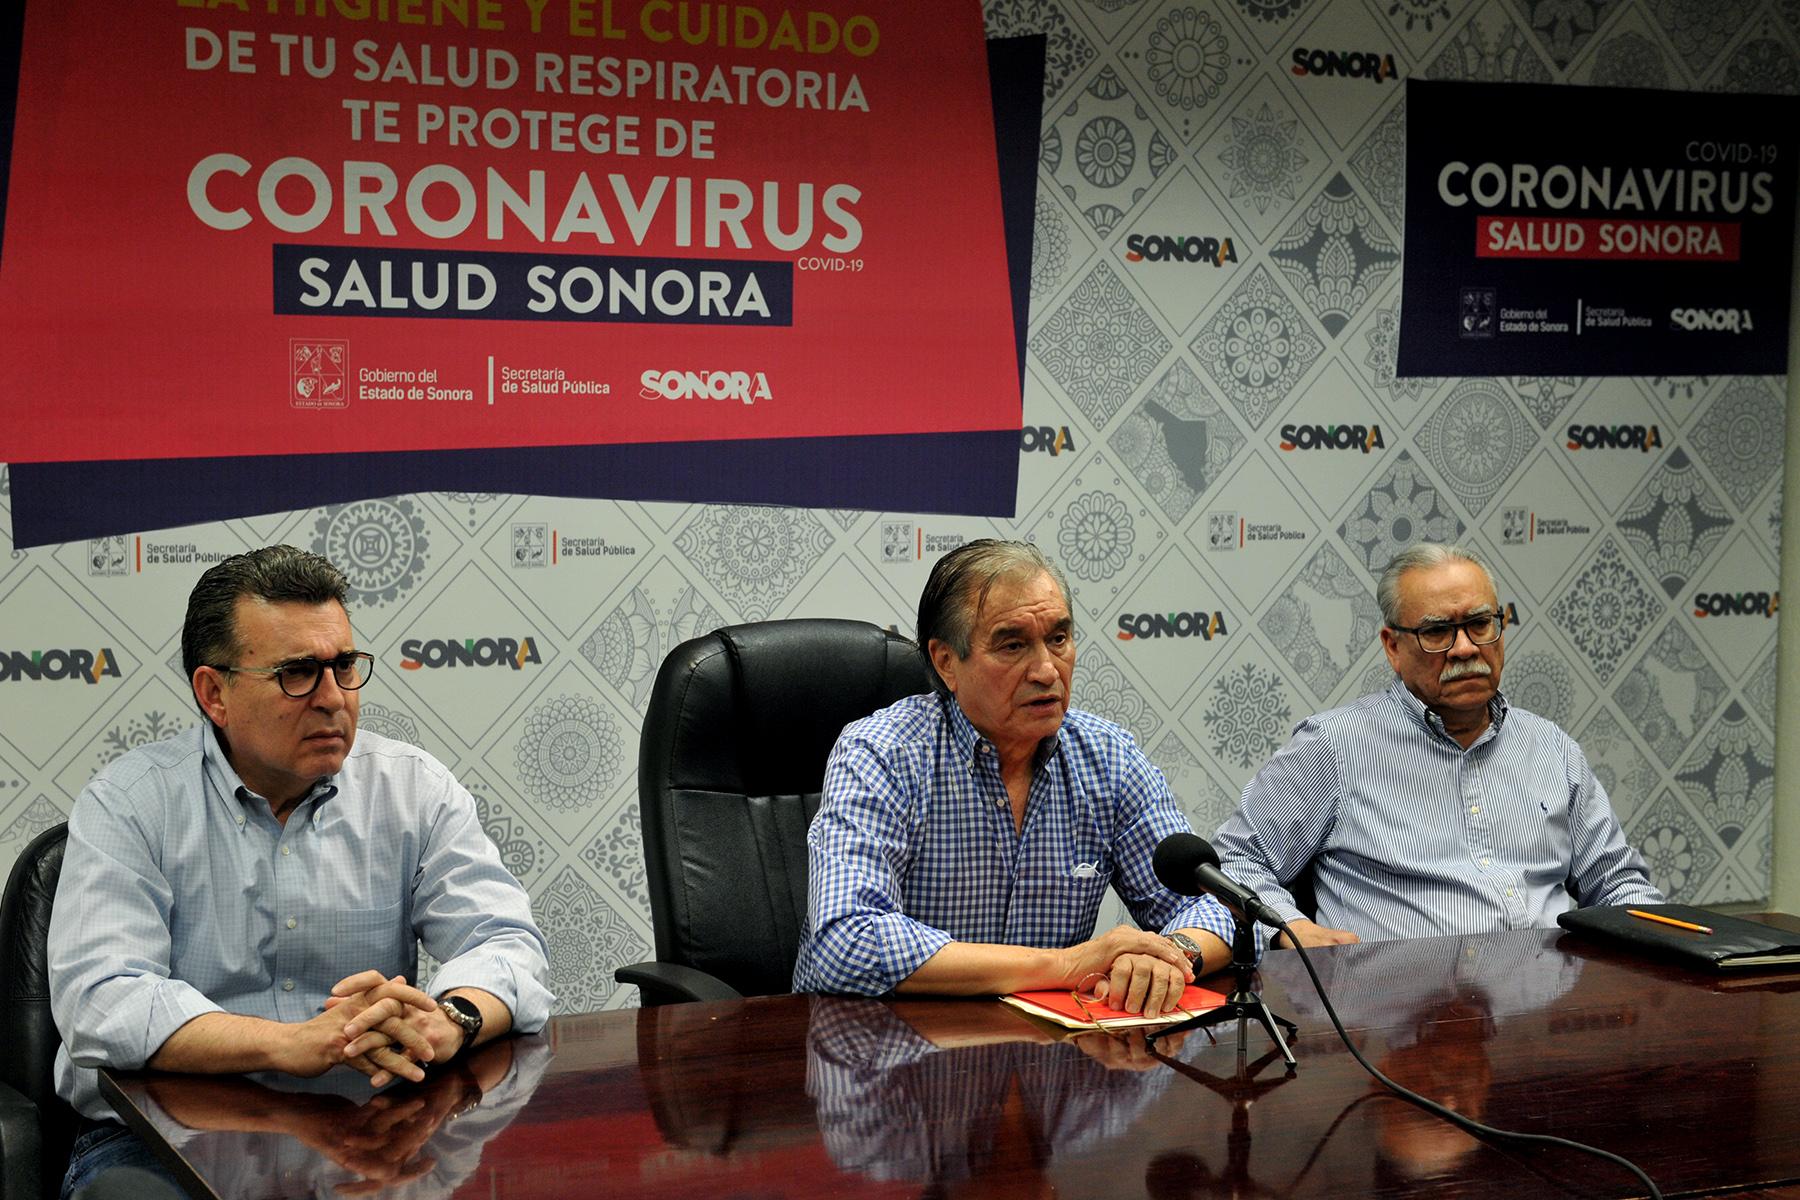 Las empresas deben parar operaciones por humanidad en Sonora: Enrique Clausen